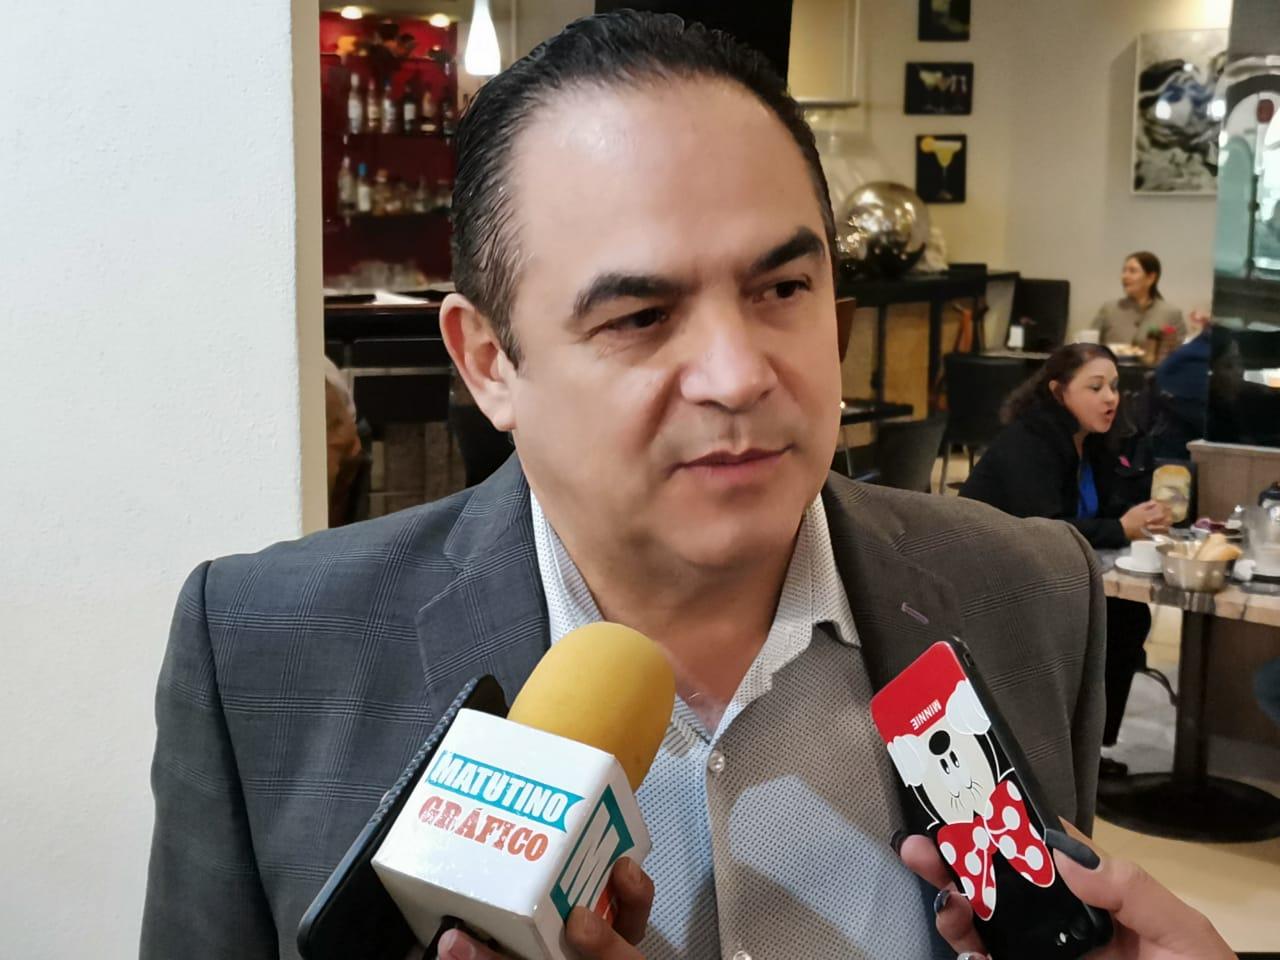 Eduardo Trujillo